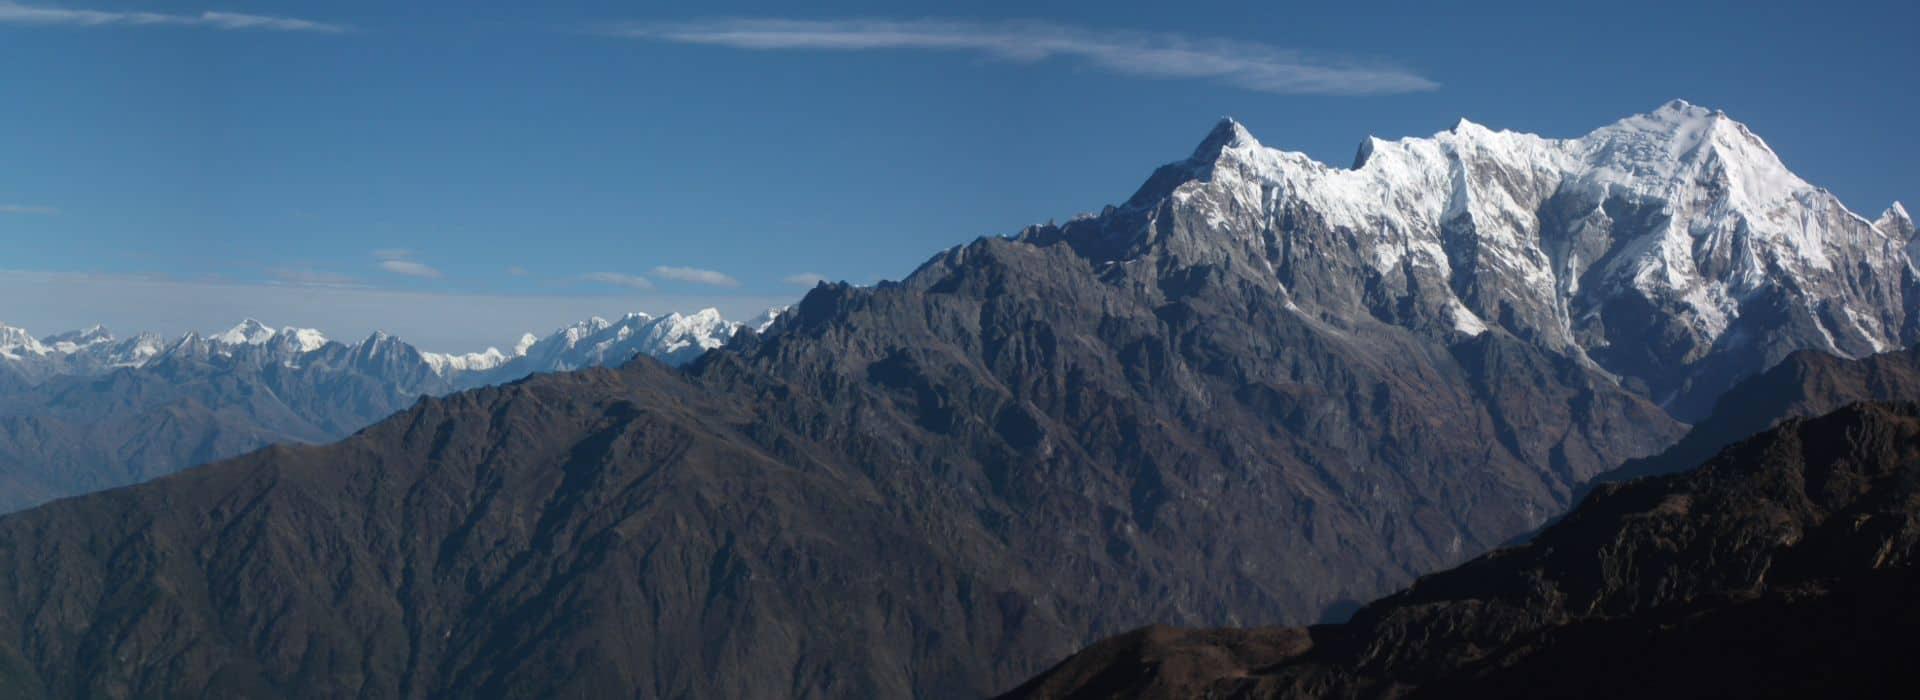 How to Reach Langtang from Kathmandu